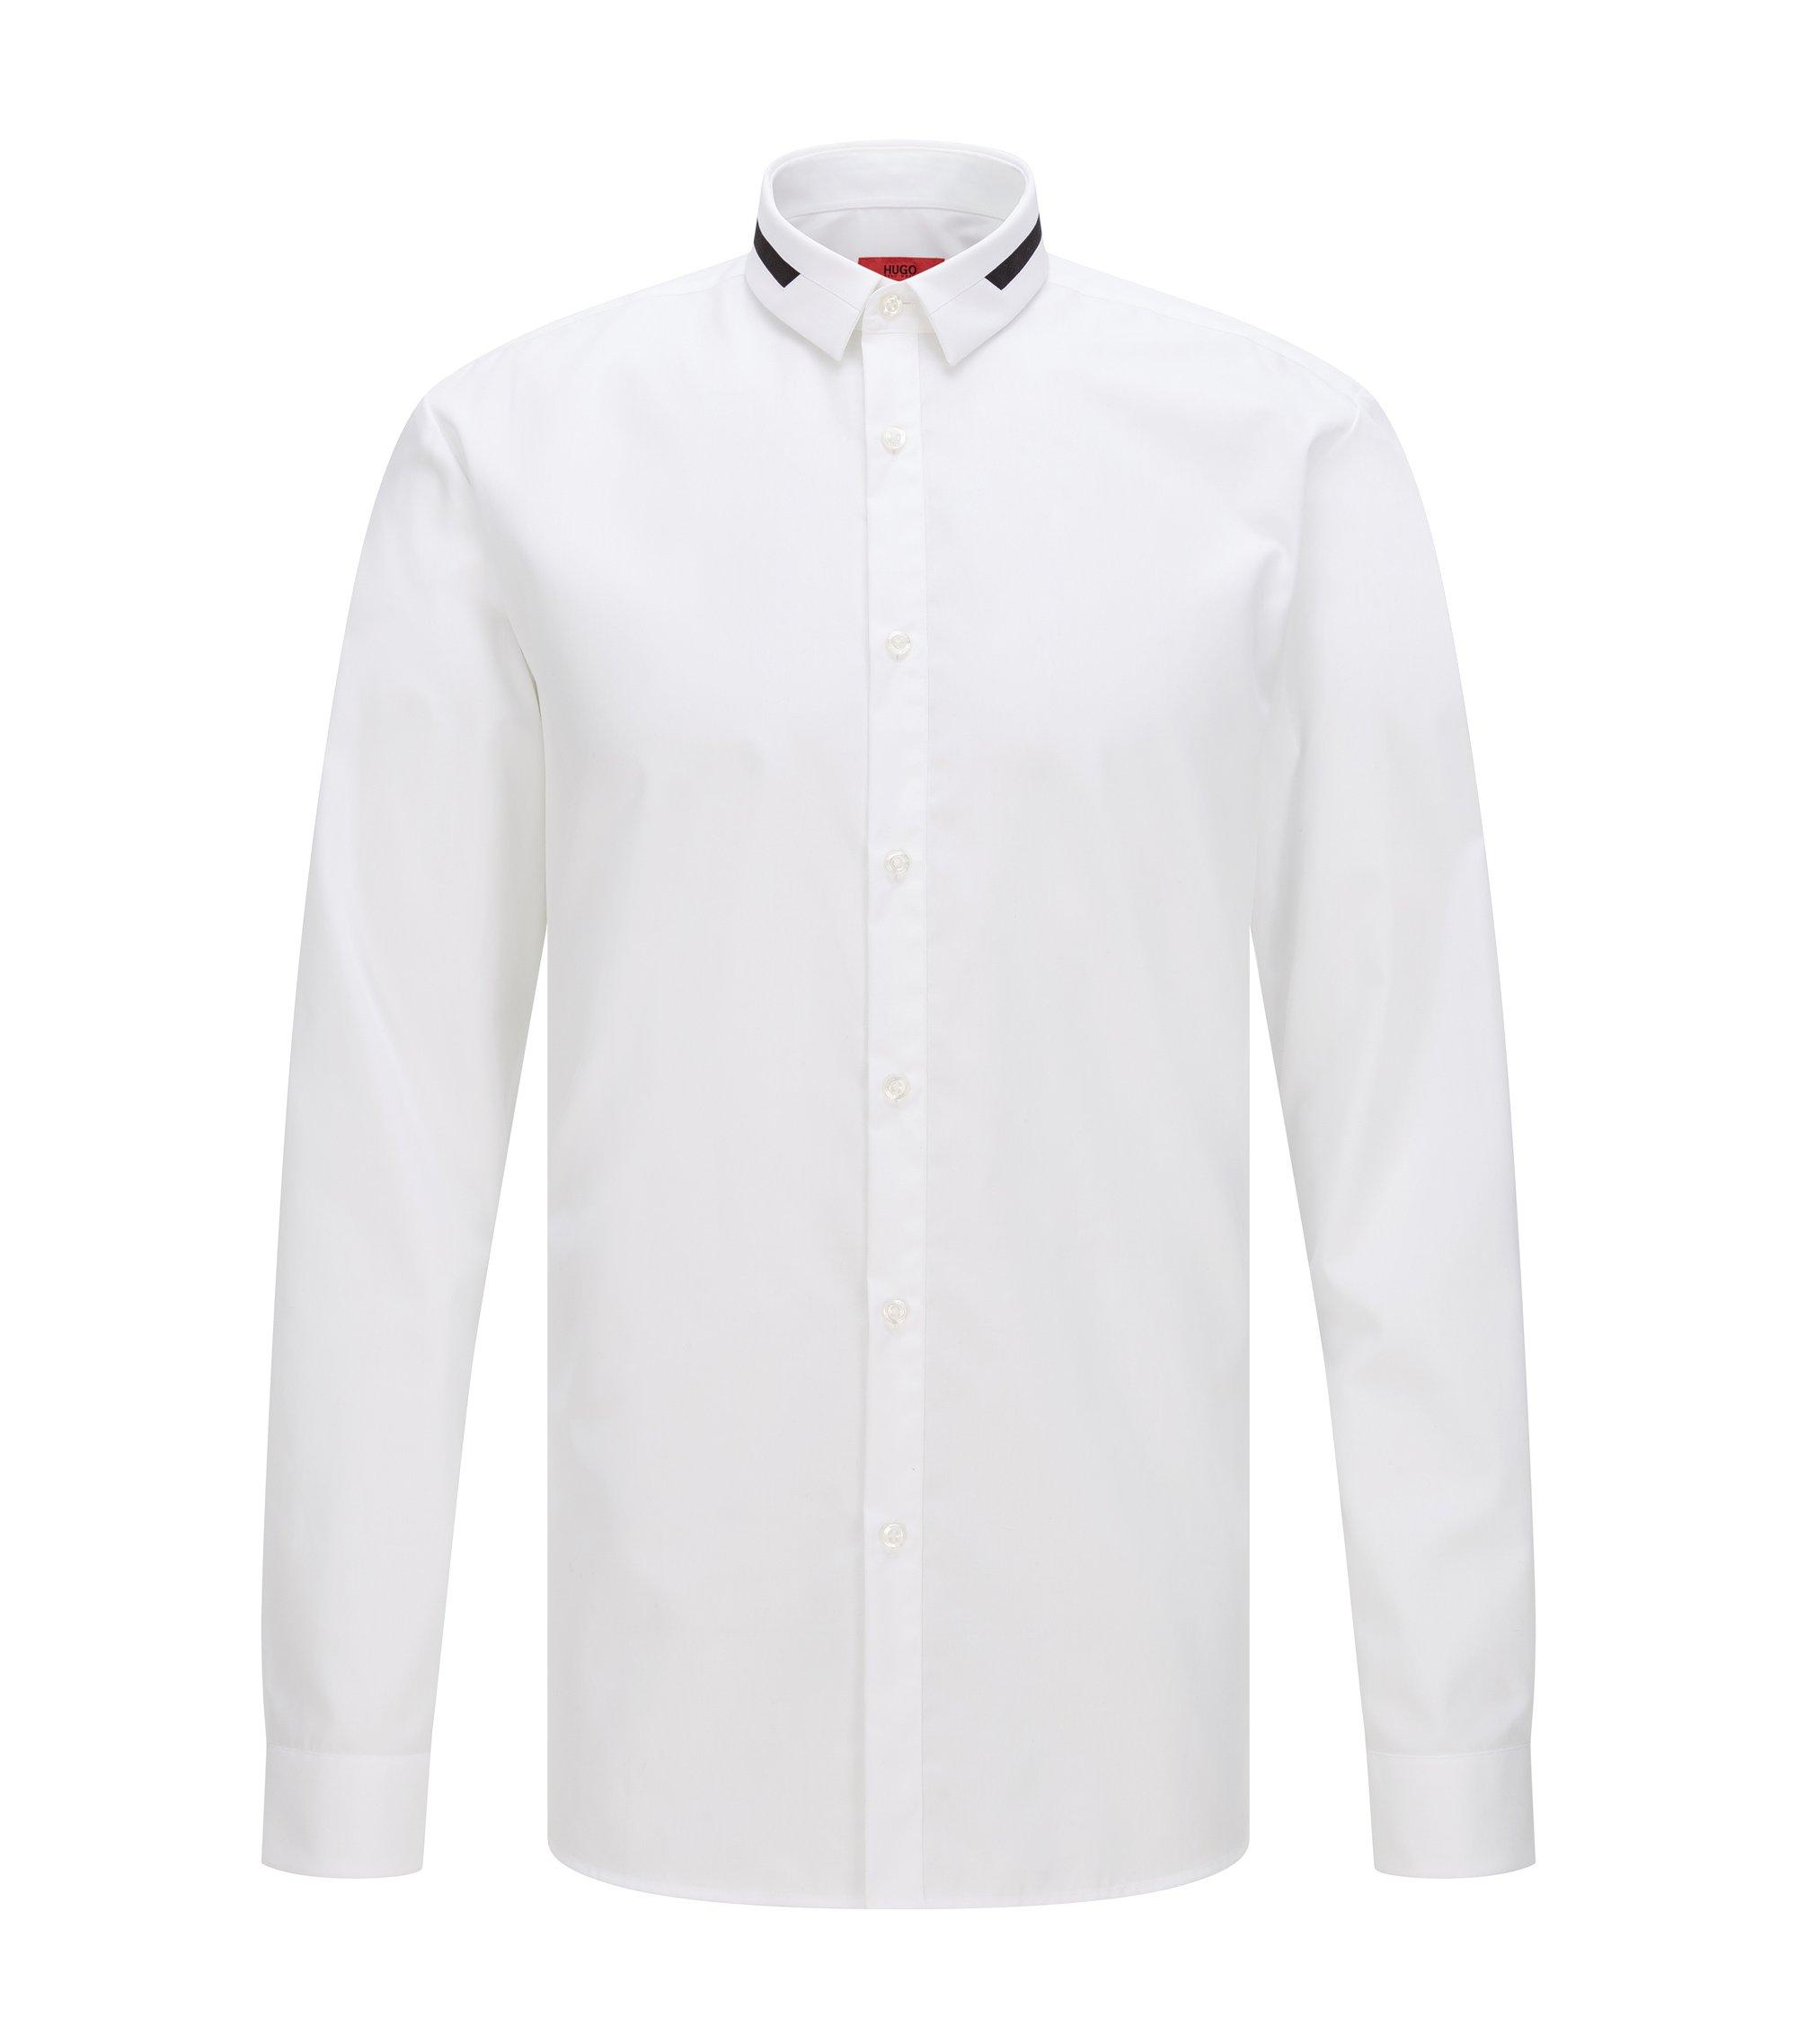 Extra Slim-Fit Hemd aus Baumwolle mit Kontrast-Details, Weiß